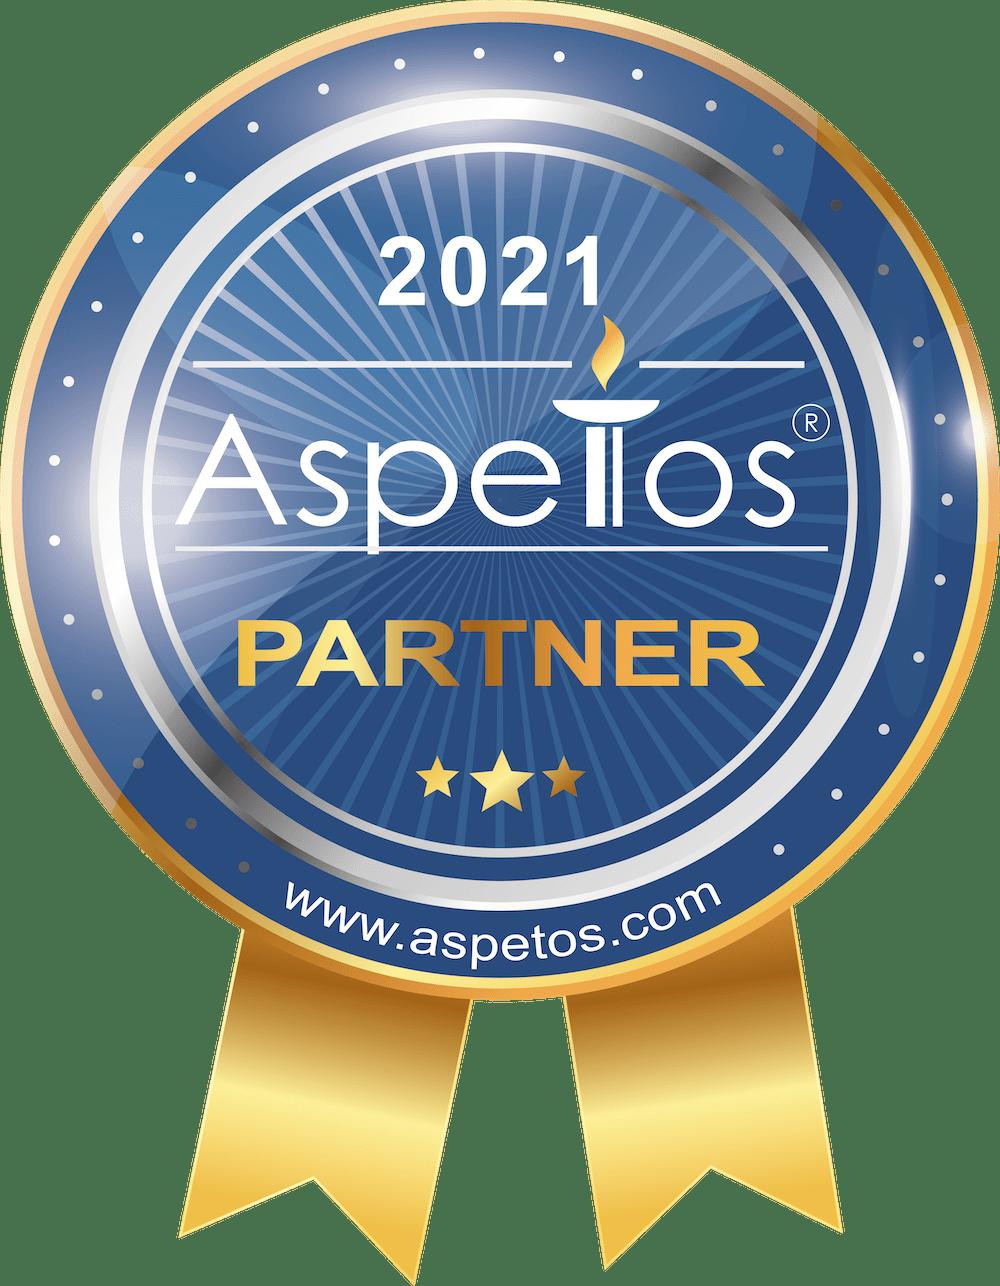 Aspetos Partner 2021